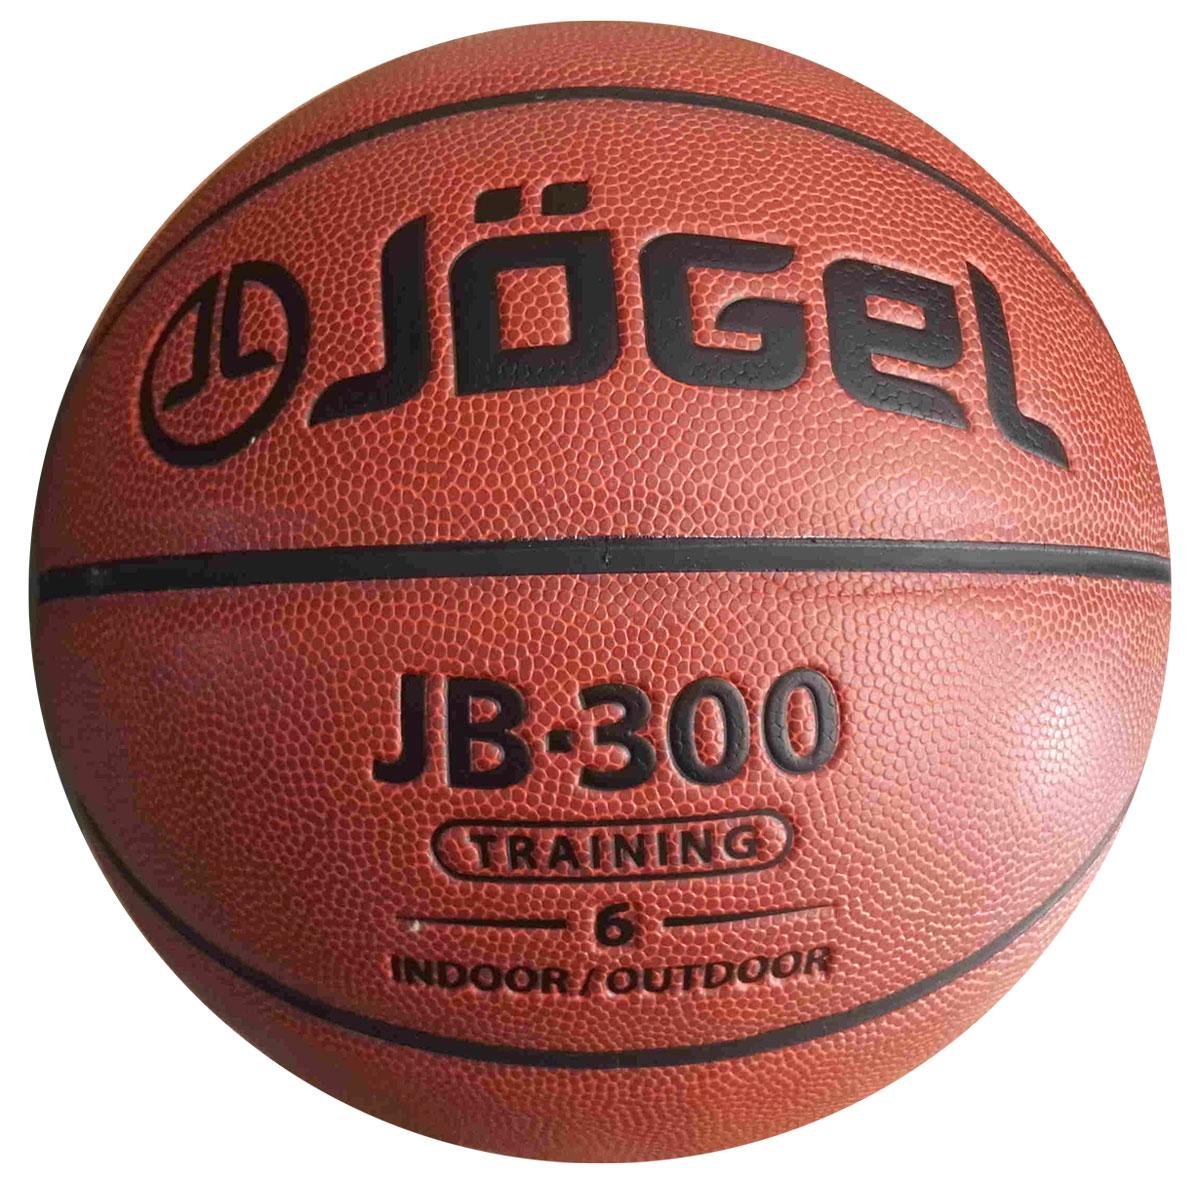 Мяч баскетбольный Jogel, цвет: коричневый. Размер 6. JB-300УТ-00009326Классический резиновый баскетбольный мяч Jogel часто используется в уличном баскетболе, учебных заведениях и СДЮШ.Покрышка мяча выполнена из износостойкой резины, поэтому с мячом можно играть на любой поверхности, как в зале, так и на улице. В создании мячей используется технология DeepChannel (глубокие каналы), благодаря которой достигается отличный контроль мяча во время броска и дриблинга.Камера выполнена из бутила.Мяч баскетбольный рекомендован для любительской игры, тренировок команд среднего уровня и любительских команд.Вес: 510-567 гр.Длина окружности: 72-74 см.Рекомендованное давление: 0.5-0.6 бар.УВАЖАЕМЫЕ КЛИЕНТЫ!Обращаем ваше внимание на тот факт, что мяч поставляется в сдутом виде. Насос в комплект не входит.